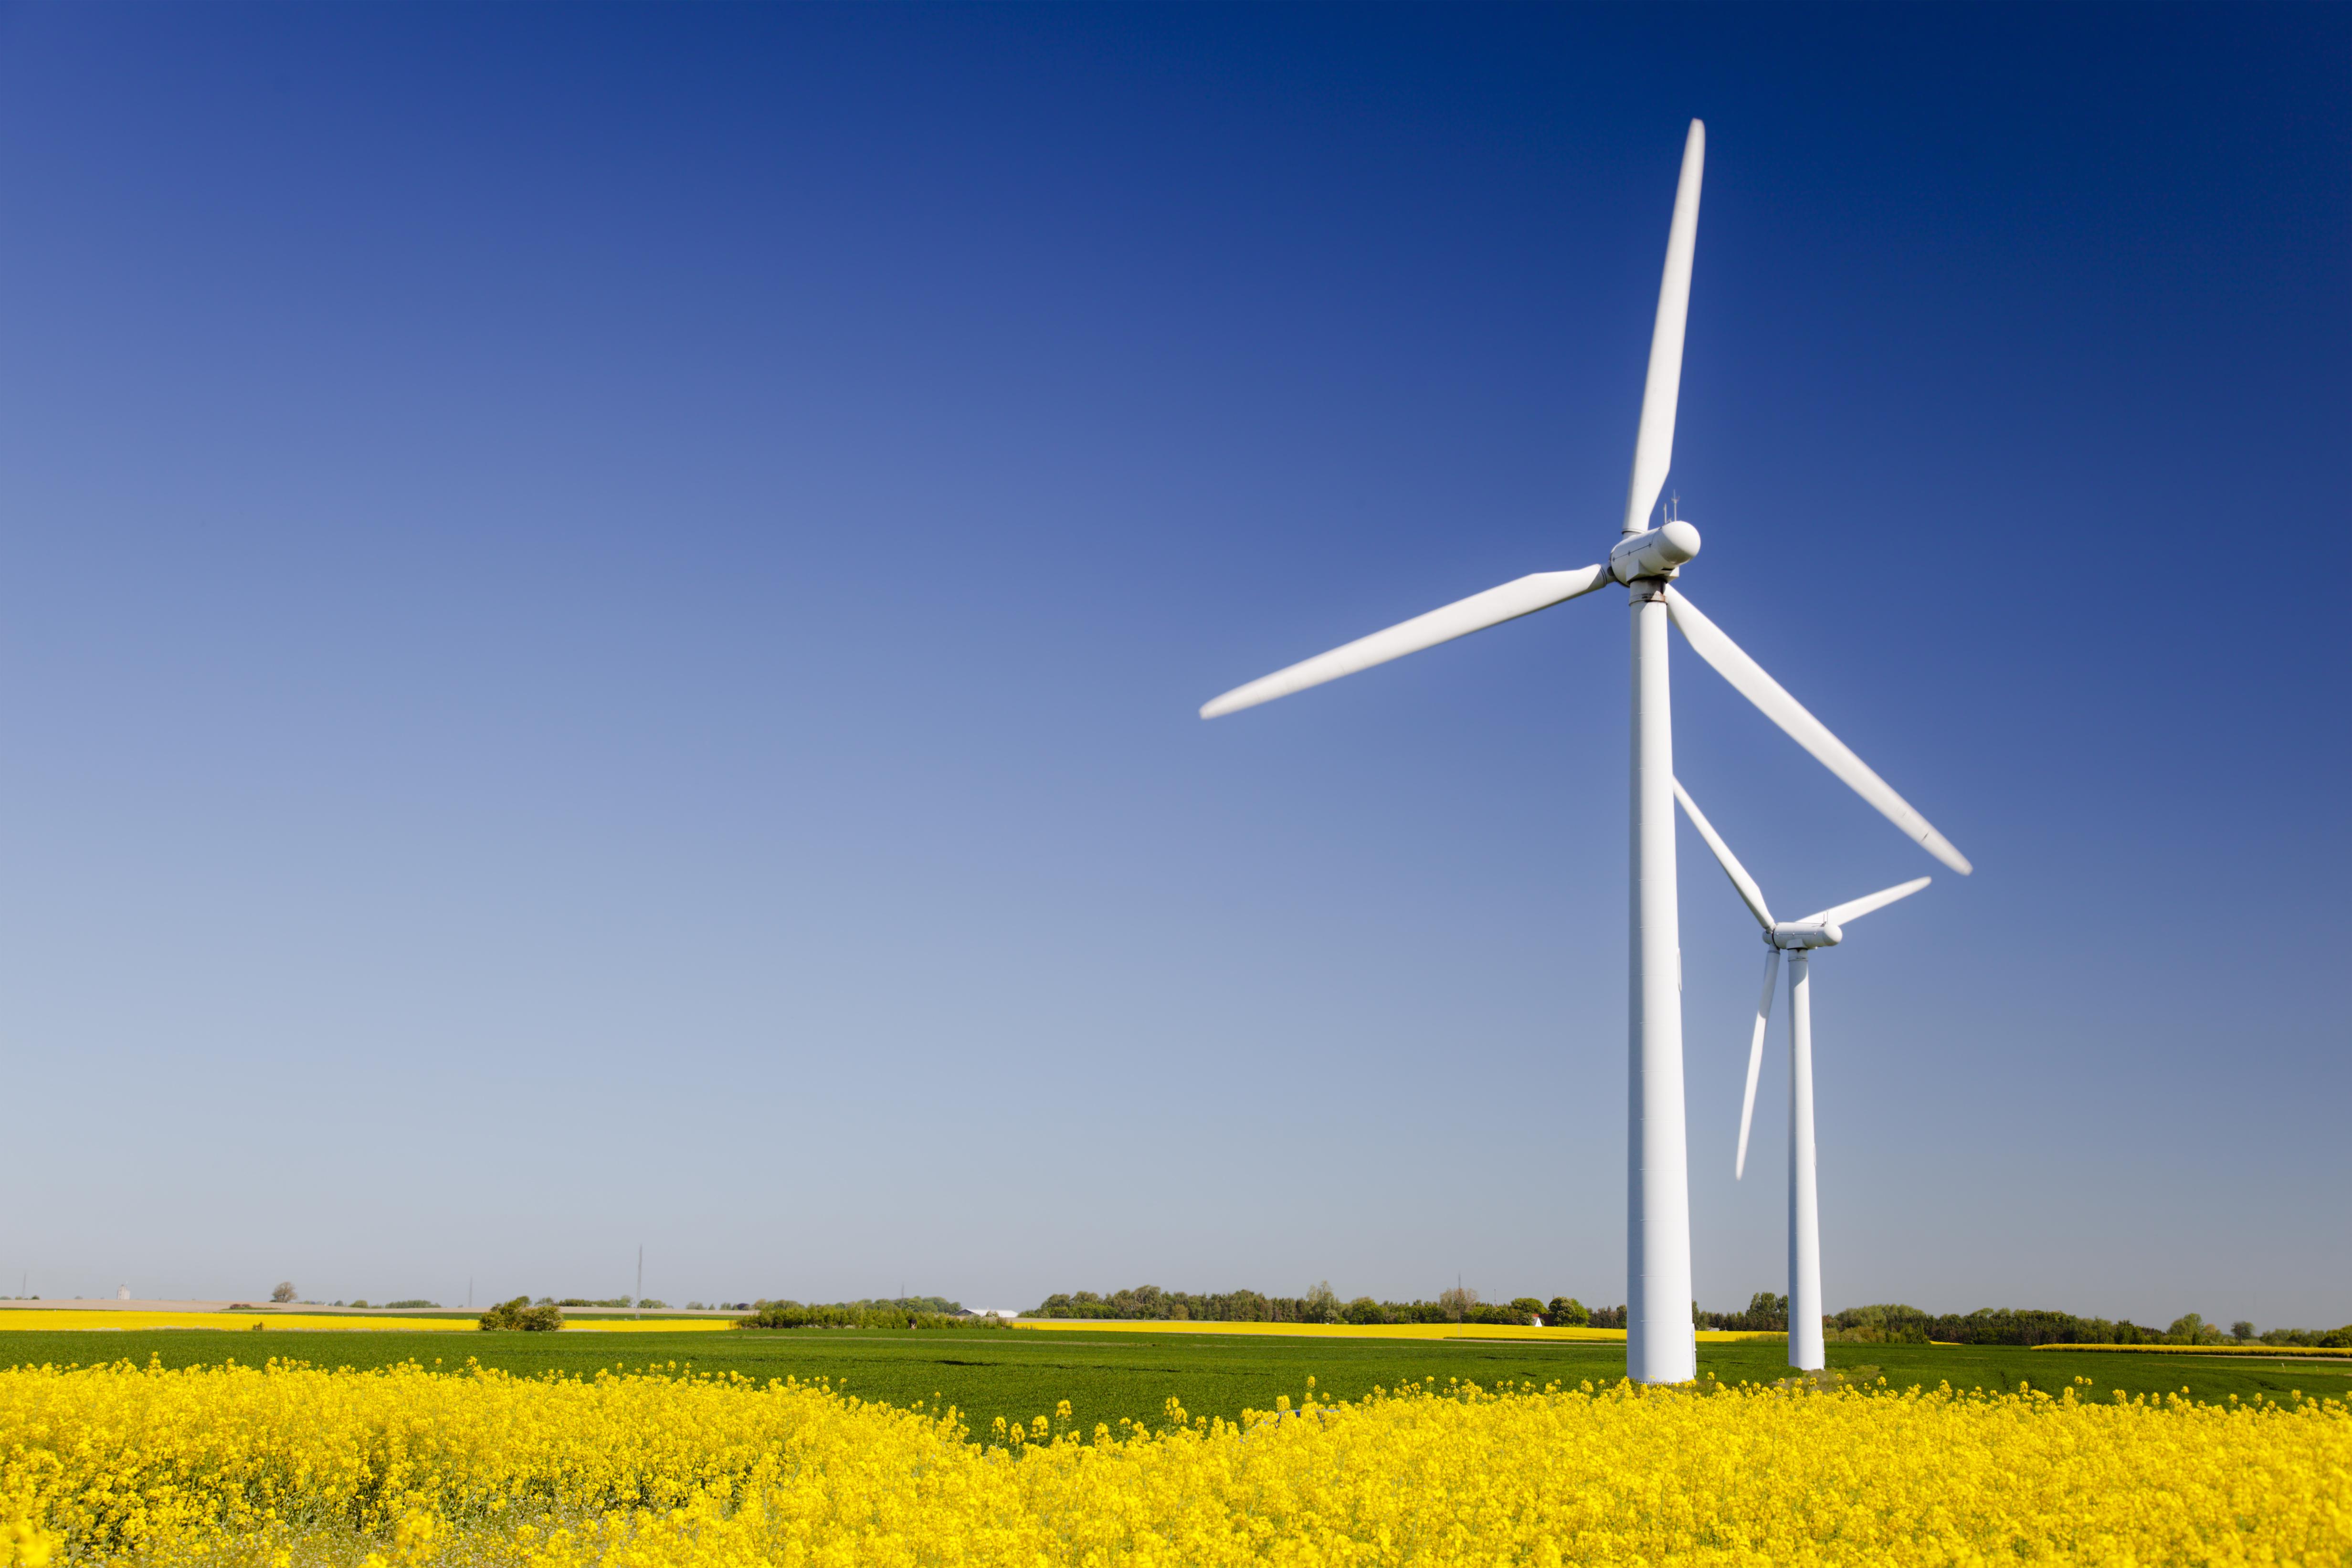 geldanlage windkraft eine lohnende investition. Black Bedroom Furniture Sets. Home Design Ideas